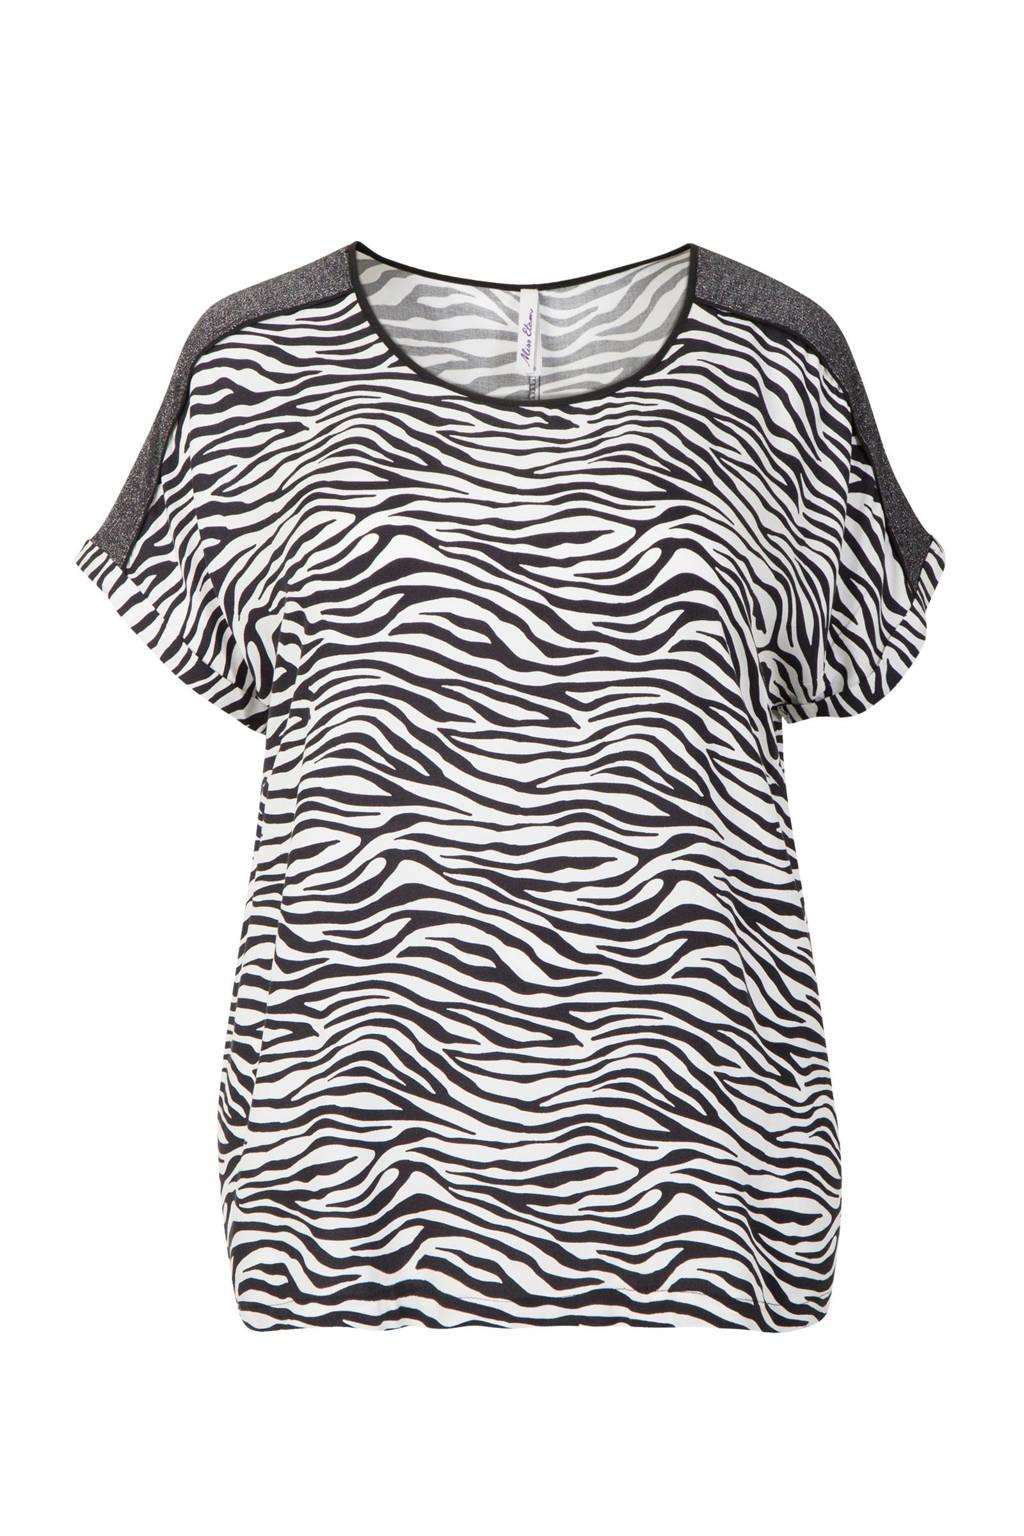 Miss Etam Plus T-shirt zebraprint, Zwart/wit